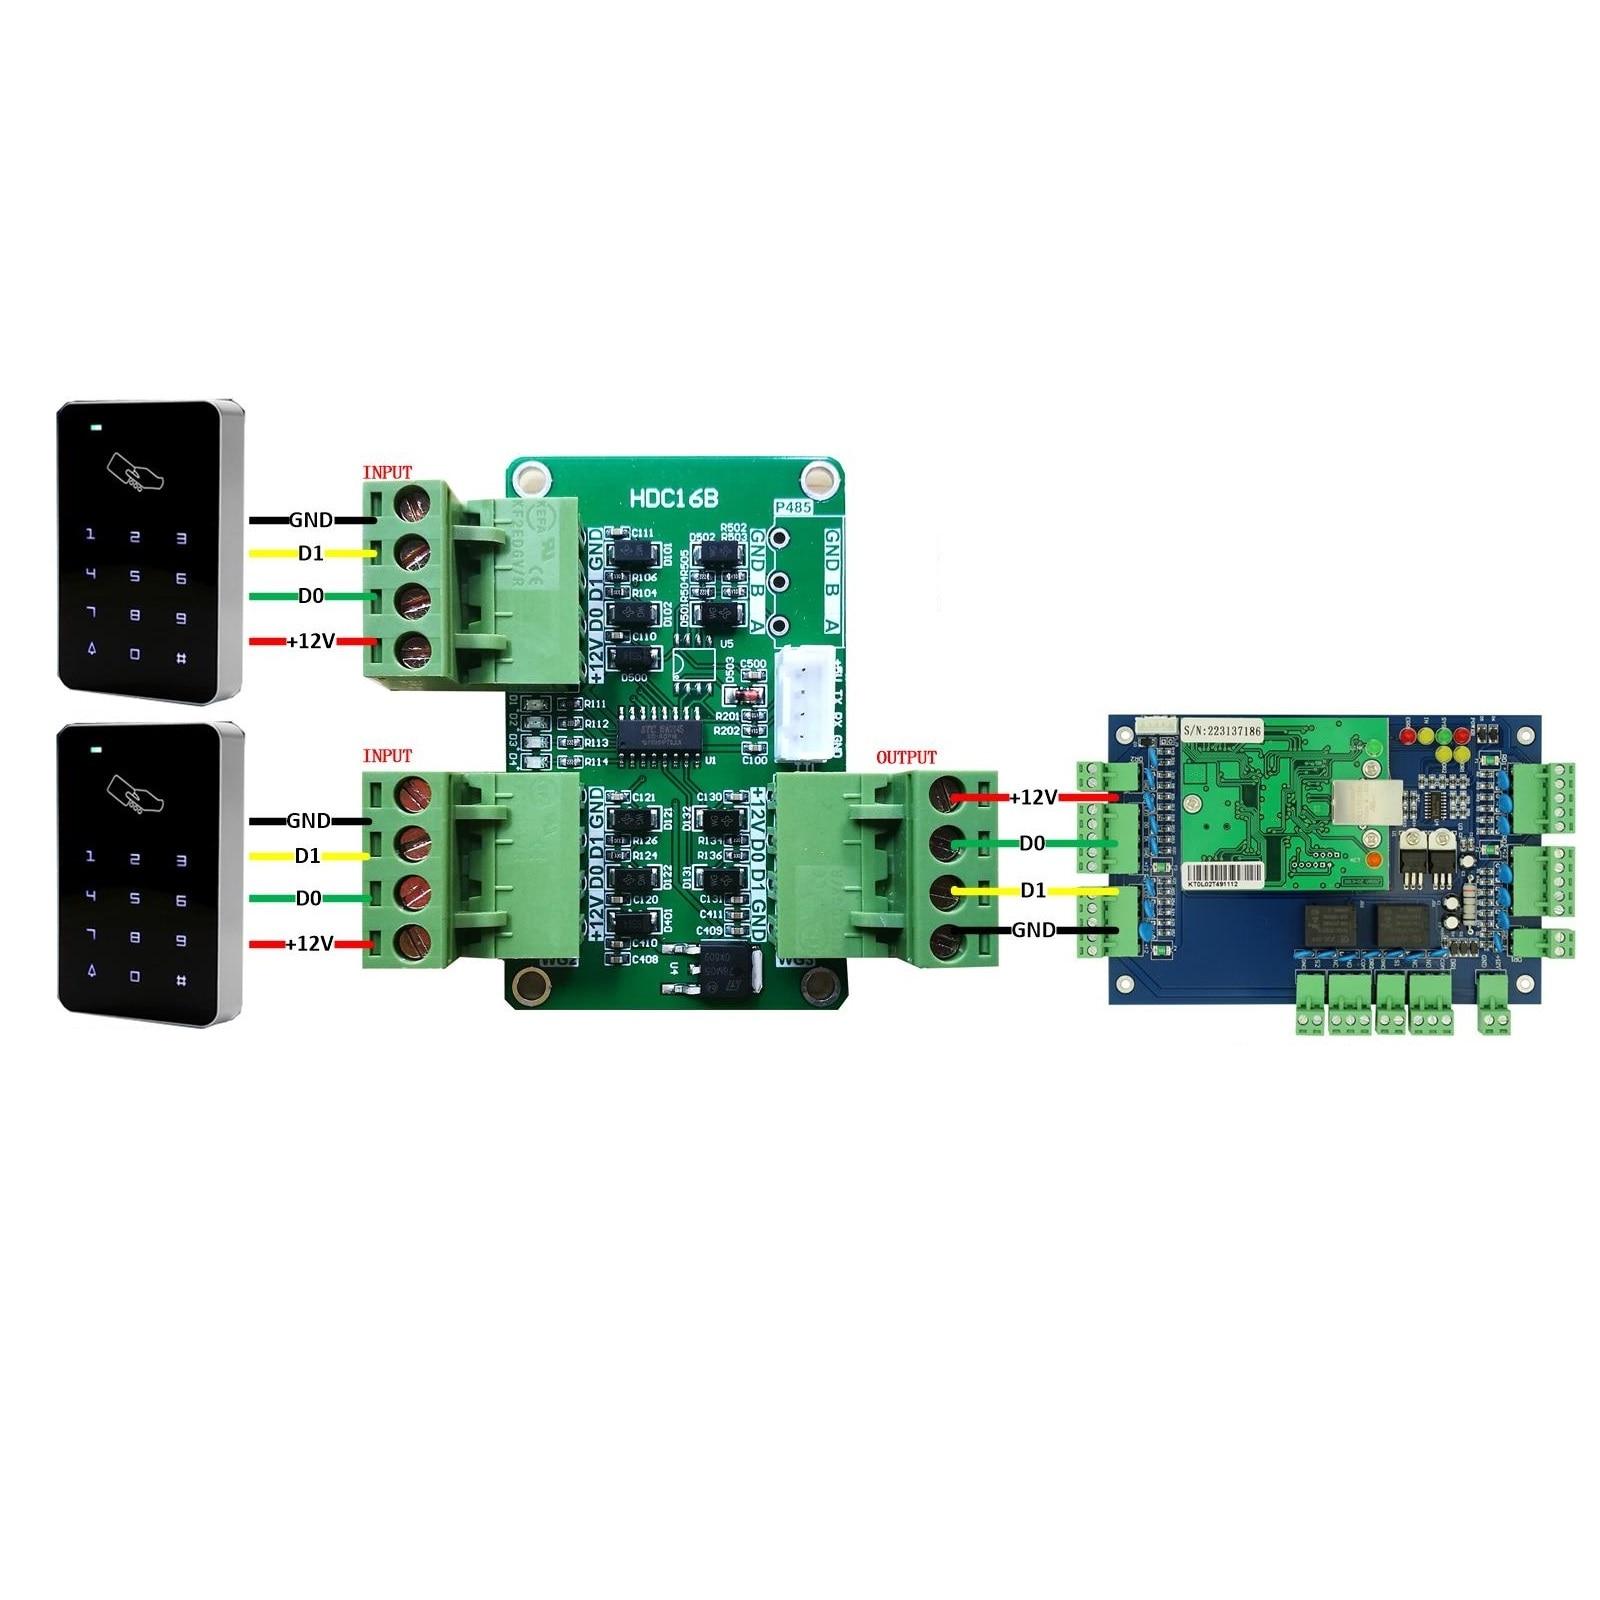 Многоканальный преобразователь сигнала, Spliiter Hub 2IN 1OUT/4In 1out/1In 2Out интерфейс, передача двойной аутентификации